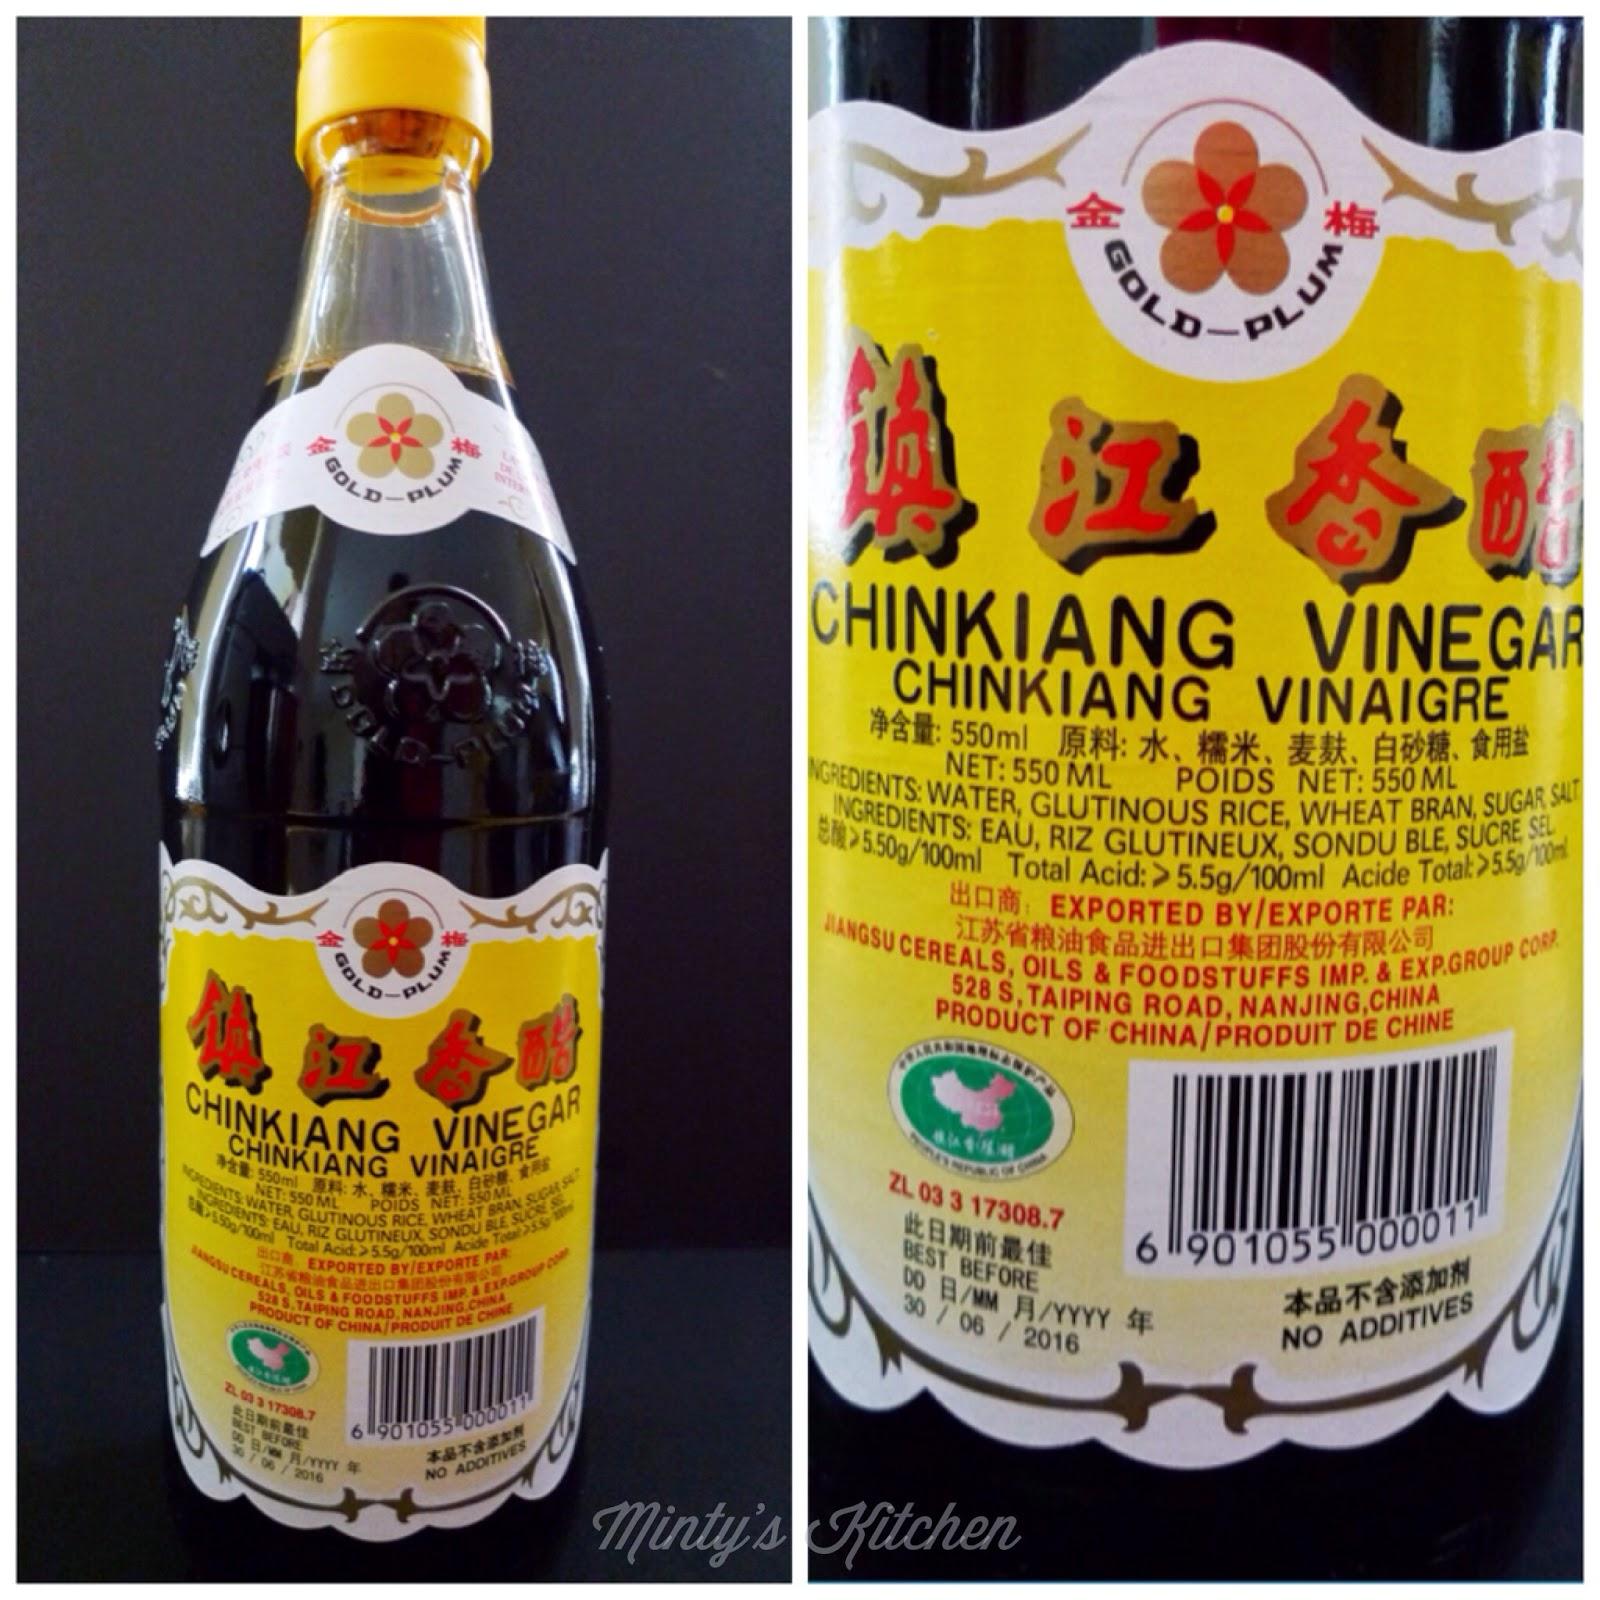 Chinkiang Vinegar  (浙江糖醋排骨)